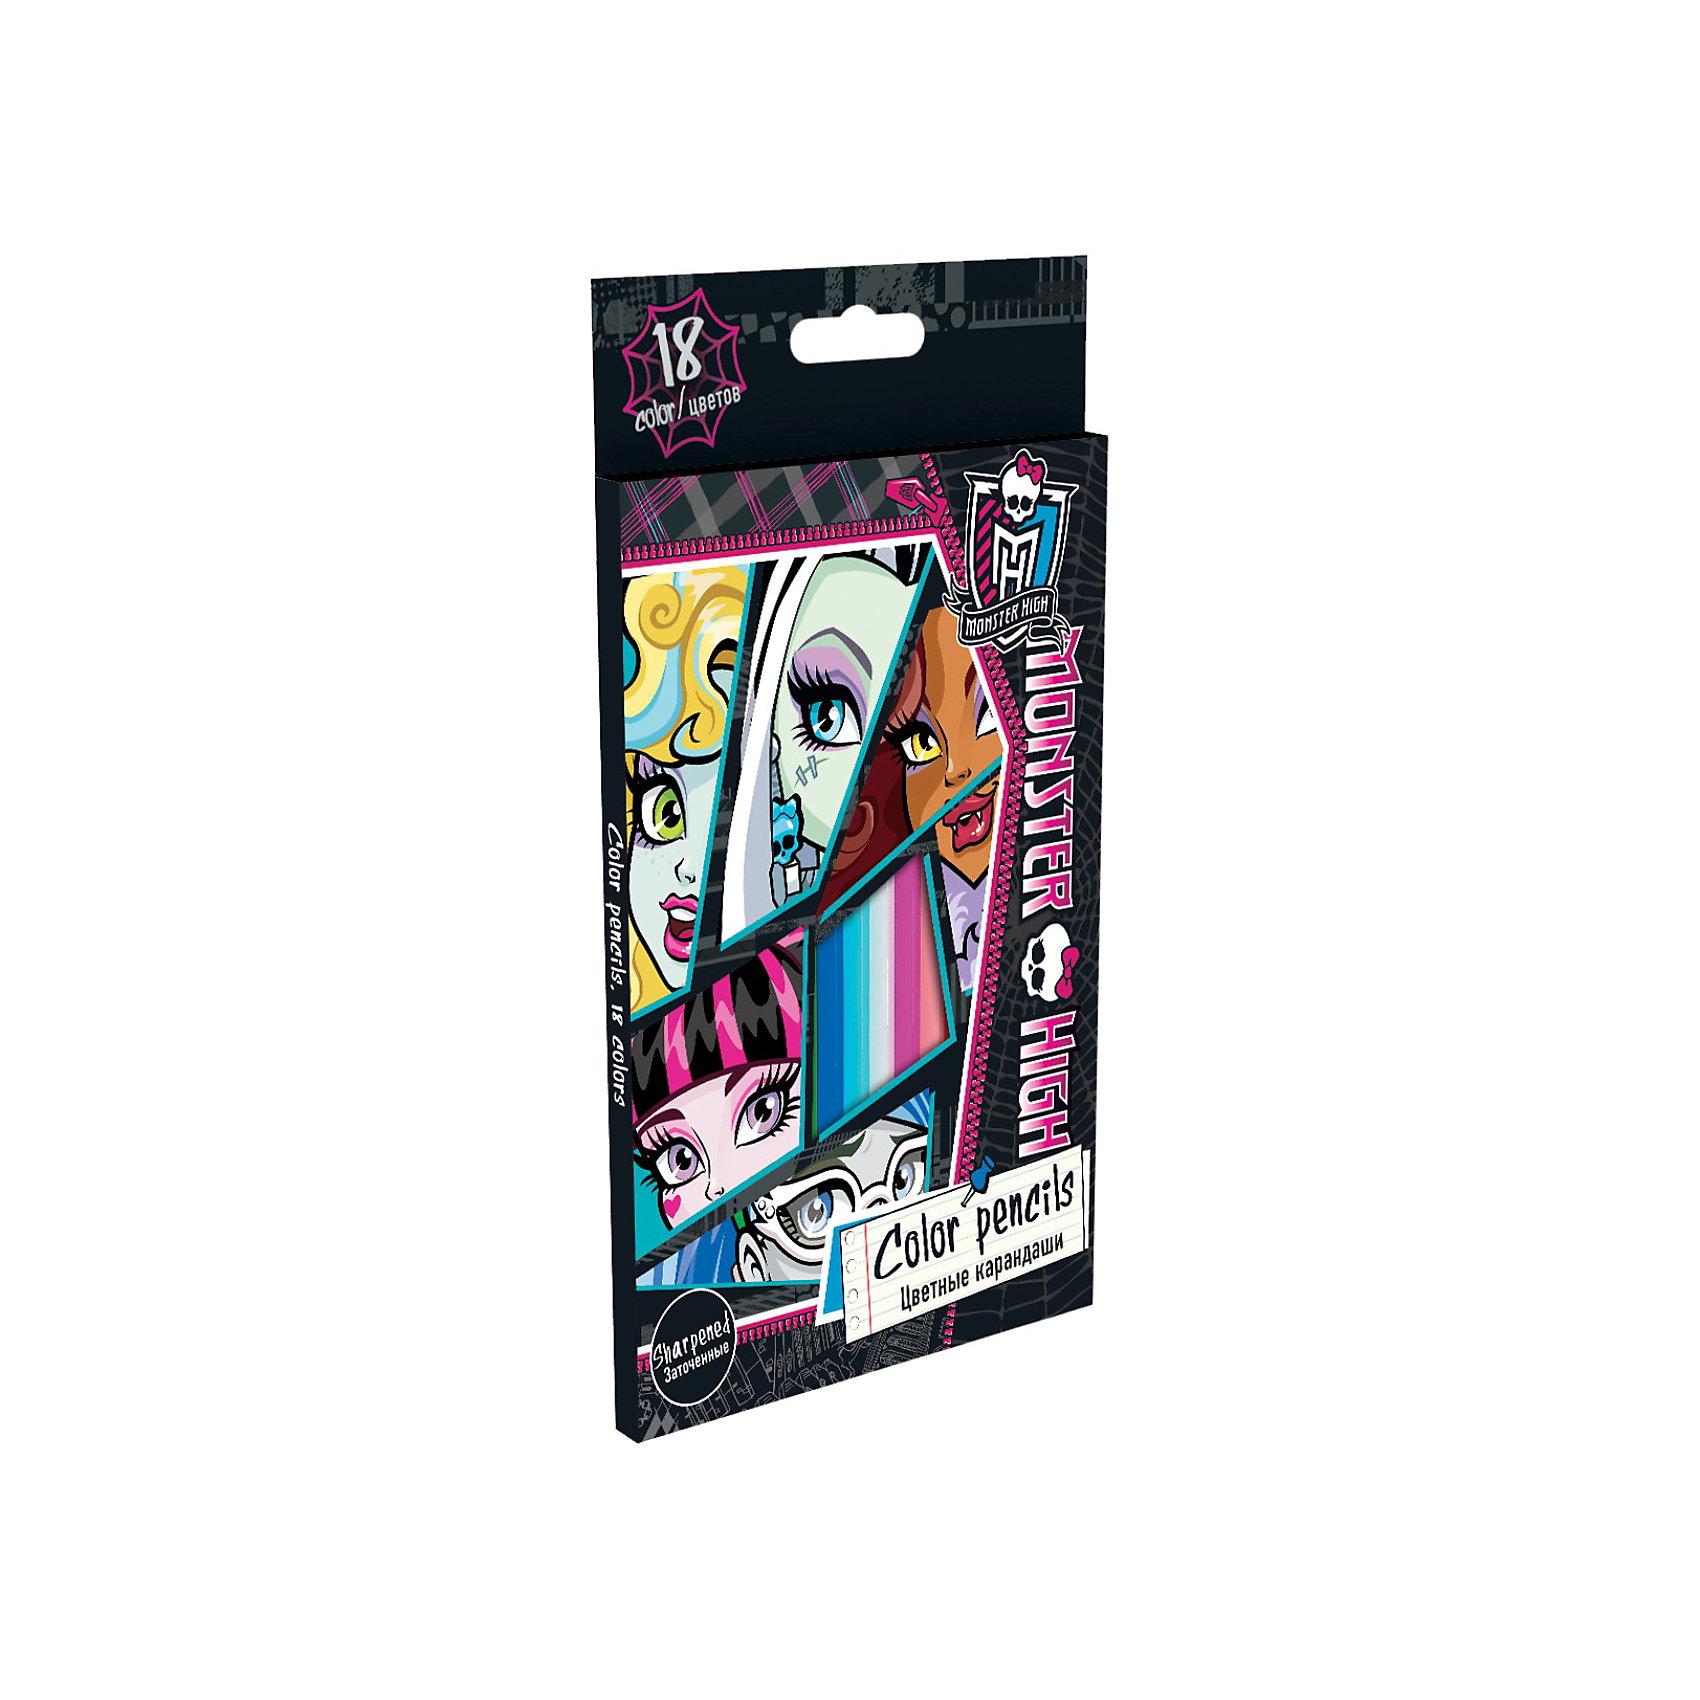 Цветные карандаши, 18 шт, Monster HighЦветные карандаши, 18 шт, Monster High (Монстр Хай) - замечательный подарок для начинающих девочек-художников!<br>Яркие, насыщенные цвета карандашей Monster High помогут вашей доченьке передать свои фантазии и идеи на бумаге. Карандаши имеют шестигранную форму, что очень удобно при использовании.<br><br>Дополнительная информация:<br><br>- Карандашей в наборе: 18штук<br>- Длина карандаша: 17,8 см.<br>- Прочный цветной грифель: диаметр 3 мм.<br>- Размер в упаковке: 215х50х10 мм.<br>- Материал корпуса: дерево липа<br><br>Цветные карандаши, 18 шт, Monster High (Монстр Хай) можно купить в нашем интернет-магазине.<br><br>Ширина мм: 215<br>Глубина мм: 130<br>Высота мм: 10<br>Вес г: 100<br>Возраст от месяцев: 120<br>Возраст до месяцев: 144<br>Пол: Женский<br>Возраст: Детский<br>SKU: 3563242